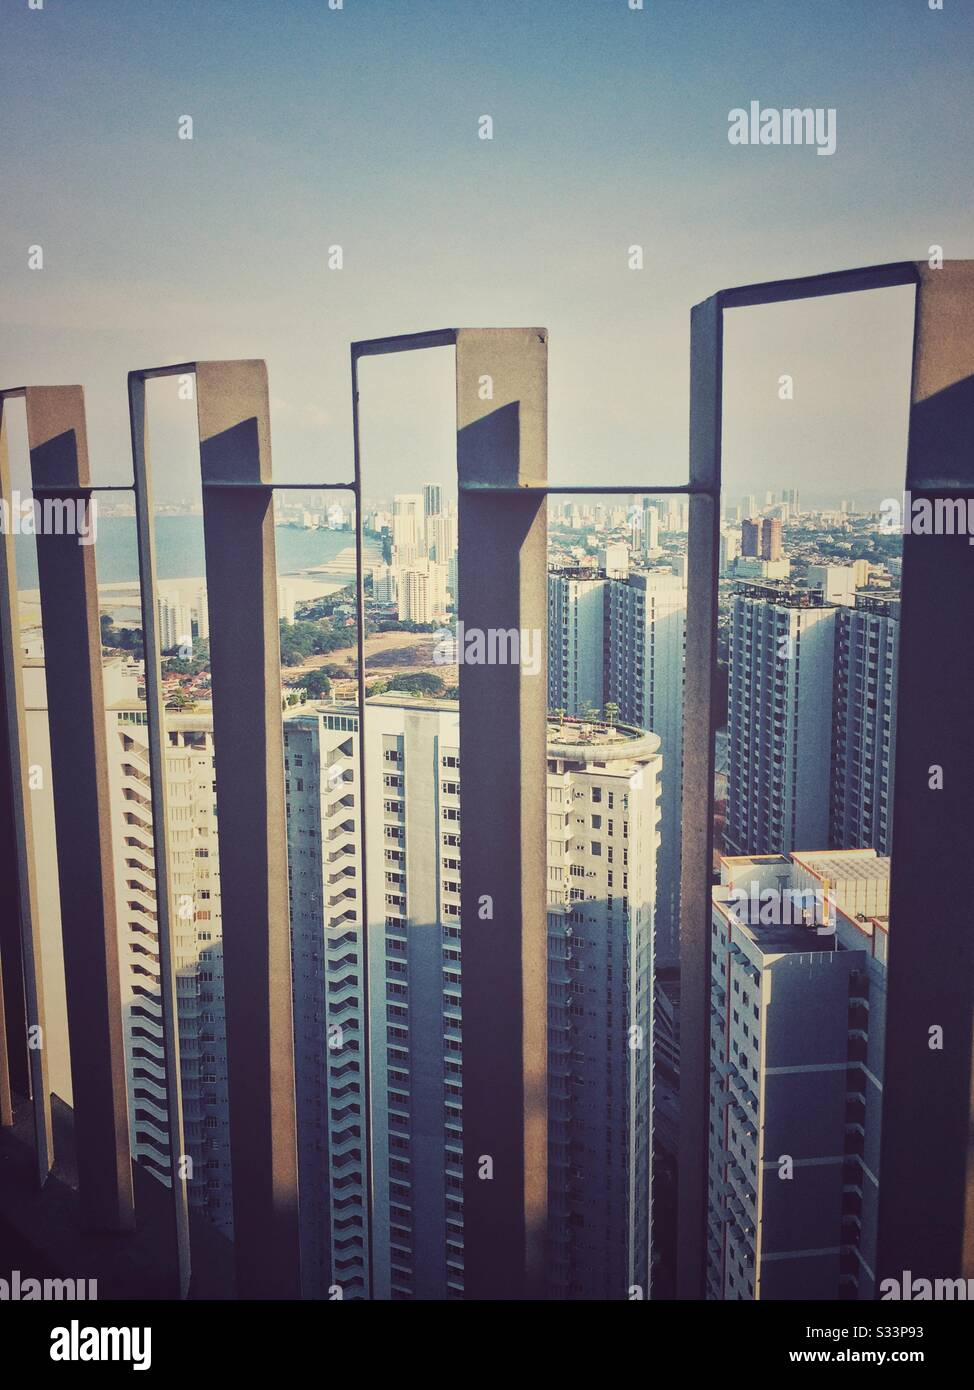 Vista a la isla en la parte superior del edificio de gran altura. Foto de stock